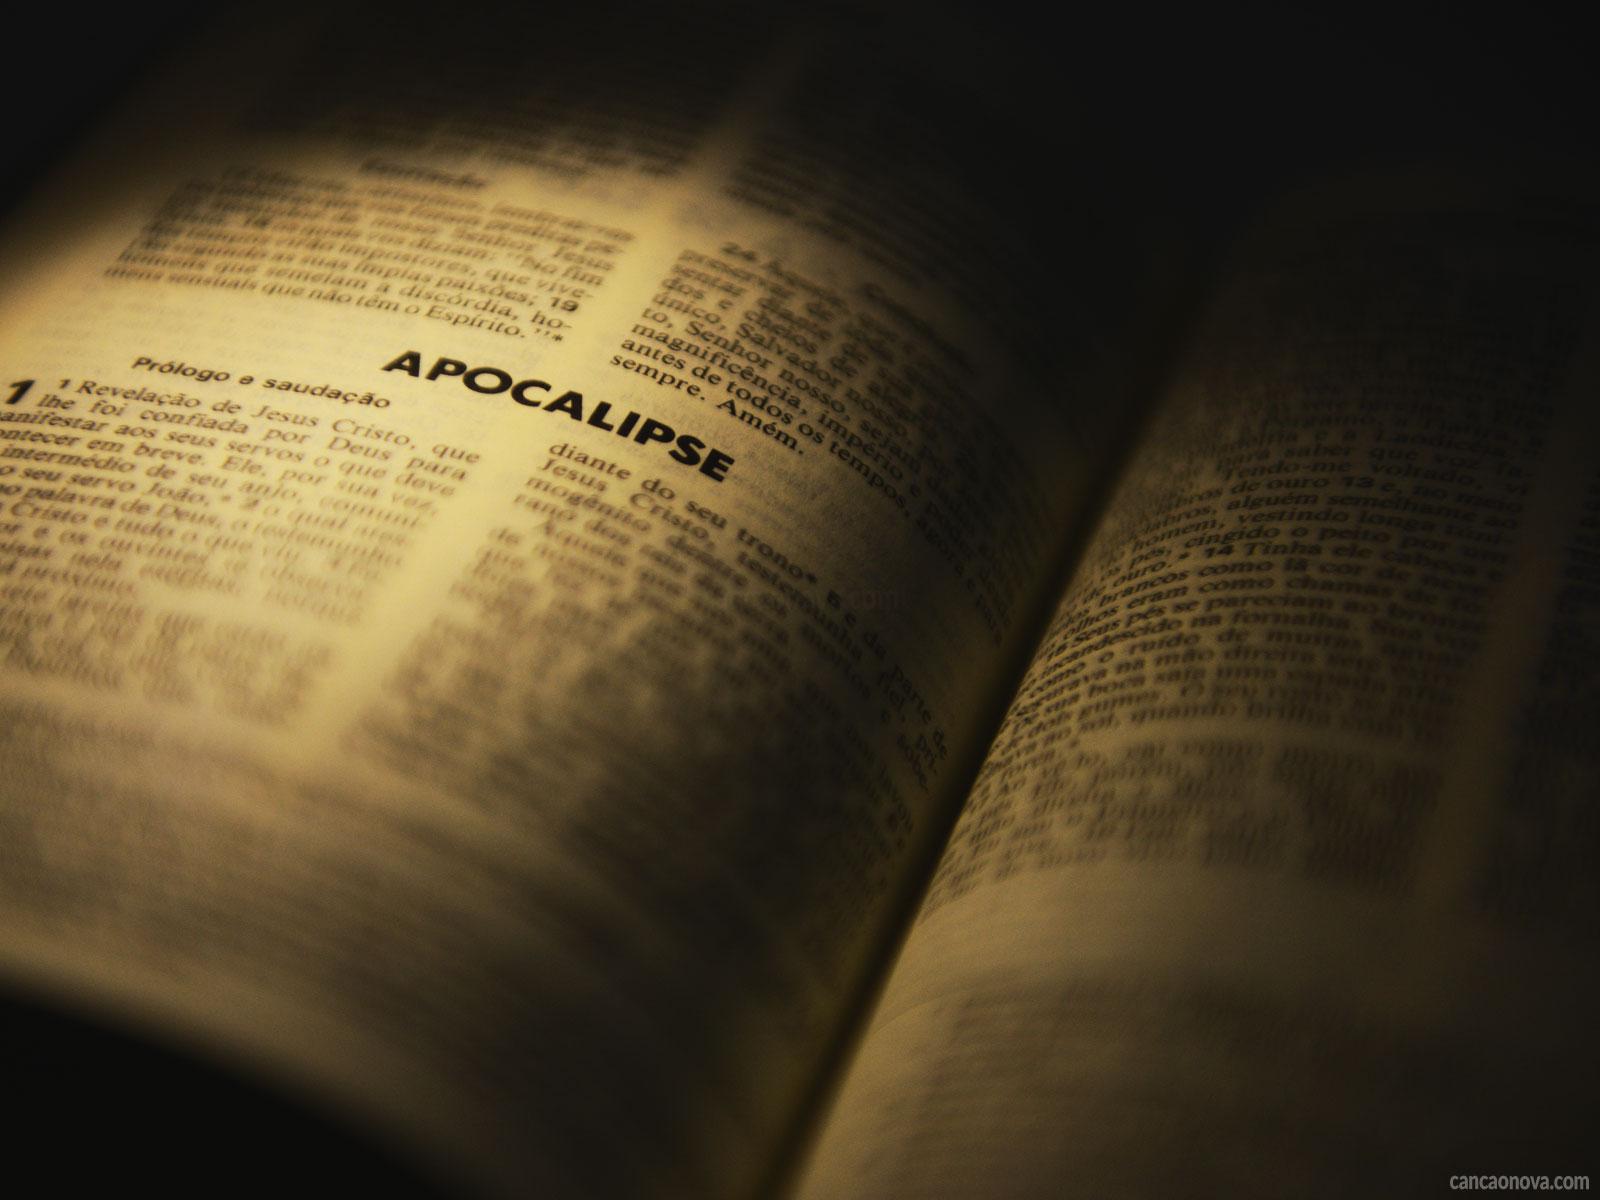 Livro-de-Apocalipse-esta-é-a-revelação-de-Jesus-Cristo